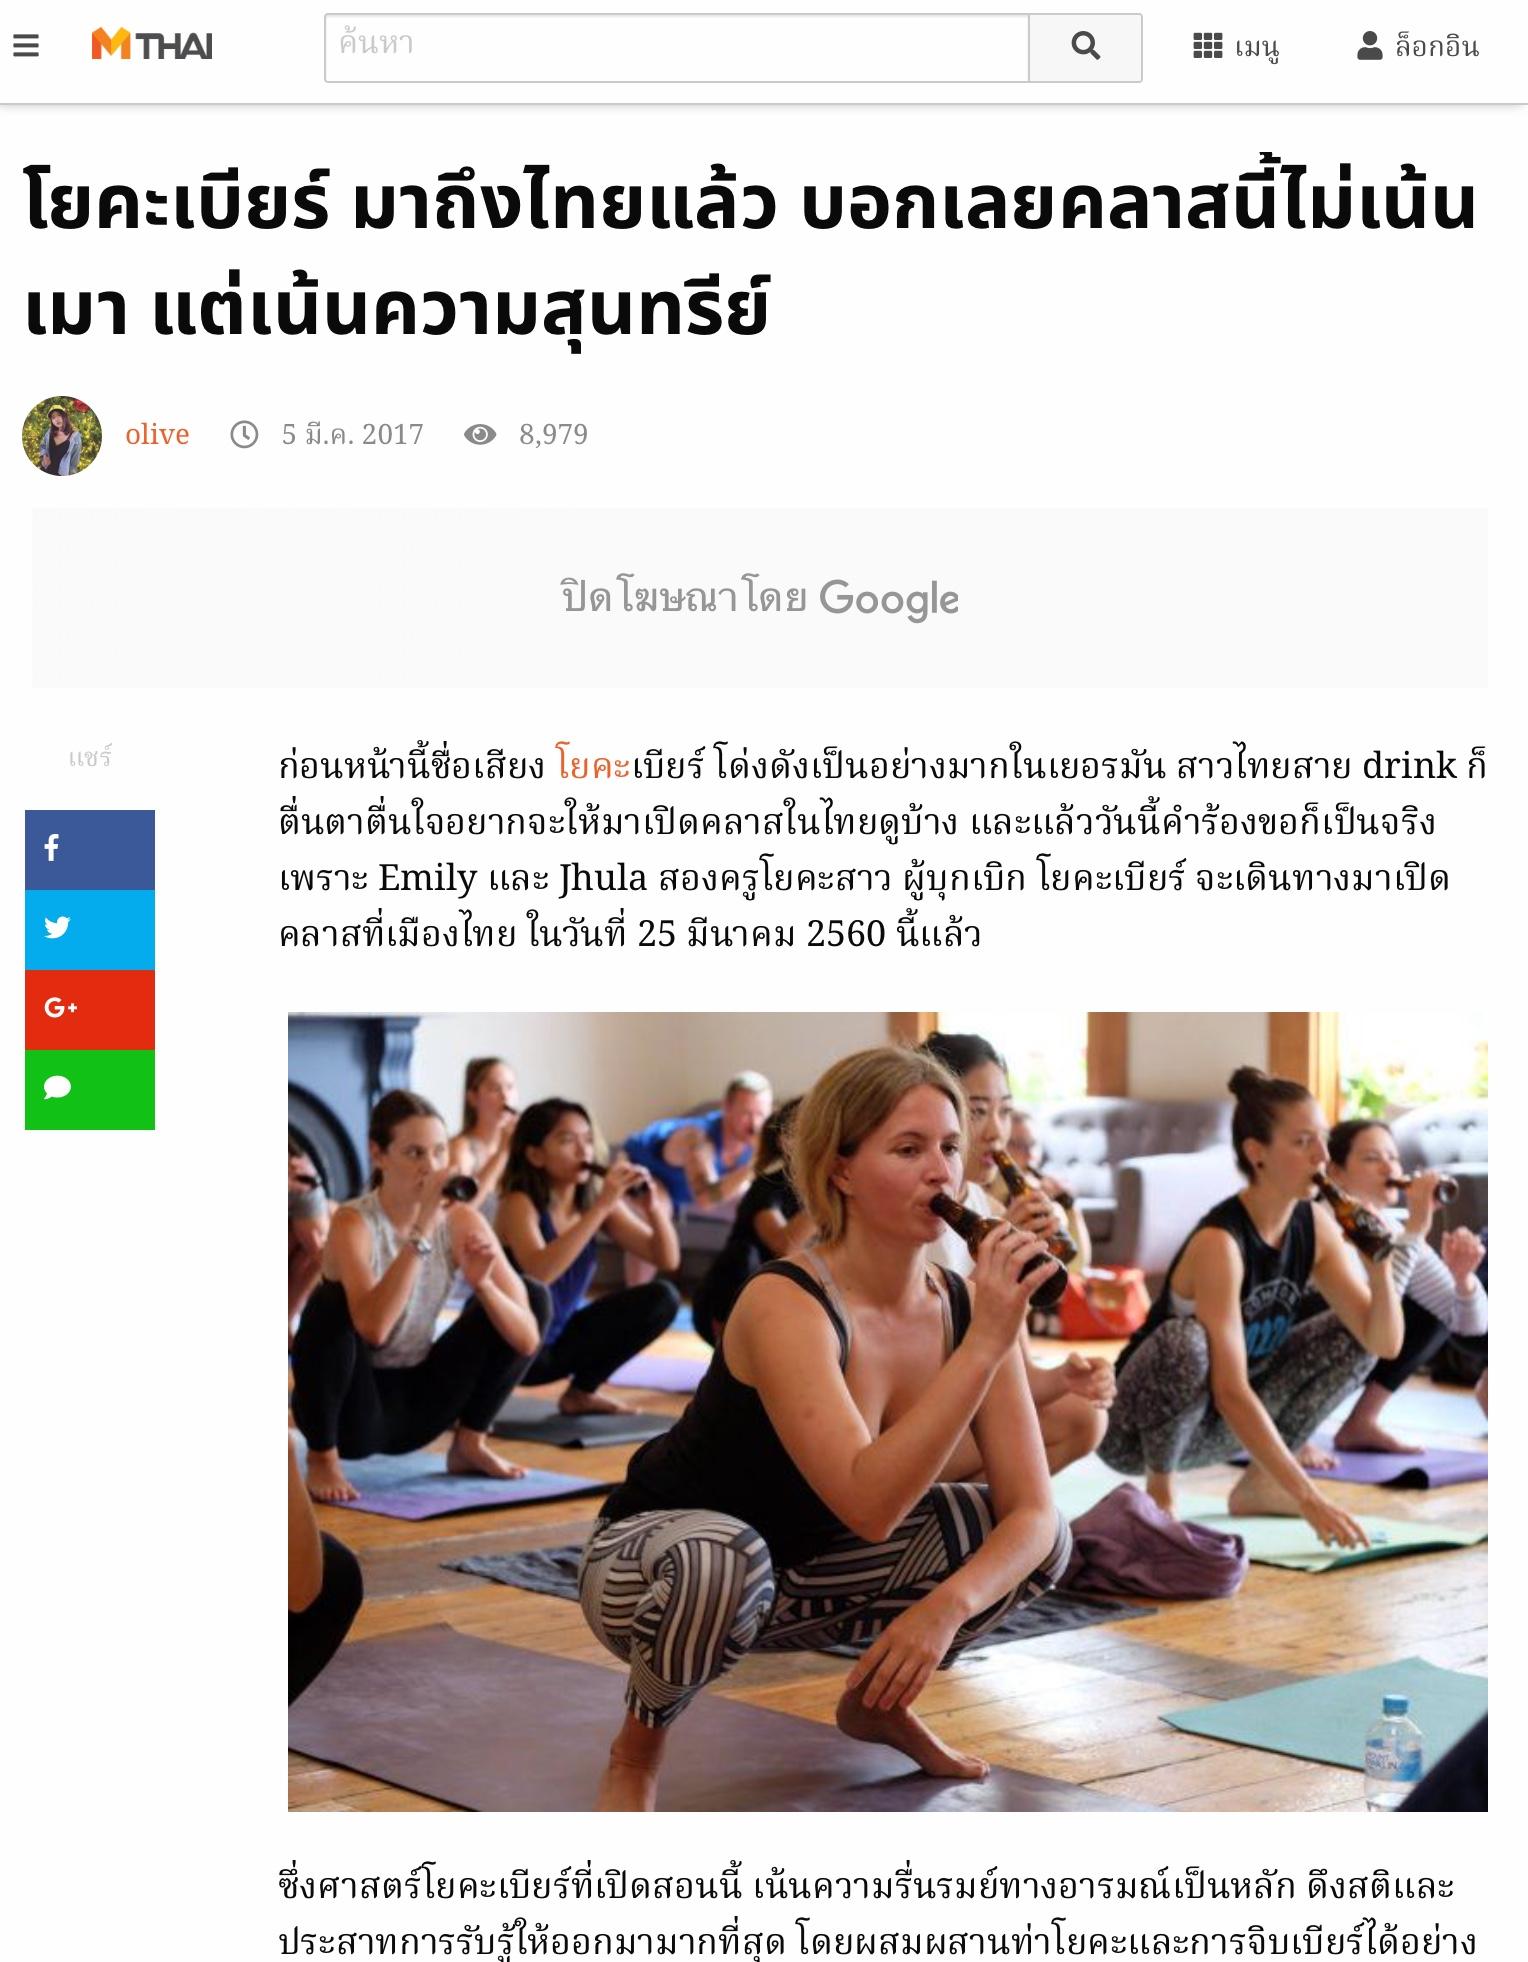 โยคะเบียร์ มาถึงไทยแล้ว บอกเลยคลาสนี้ไม่เน้นเมา แต่เน้นความสุนทรีย์